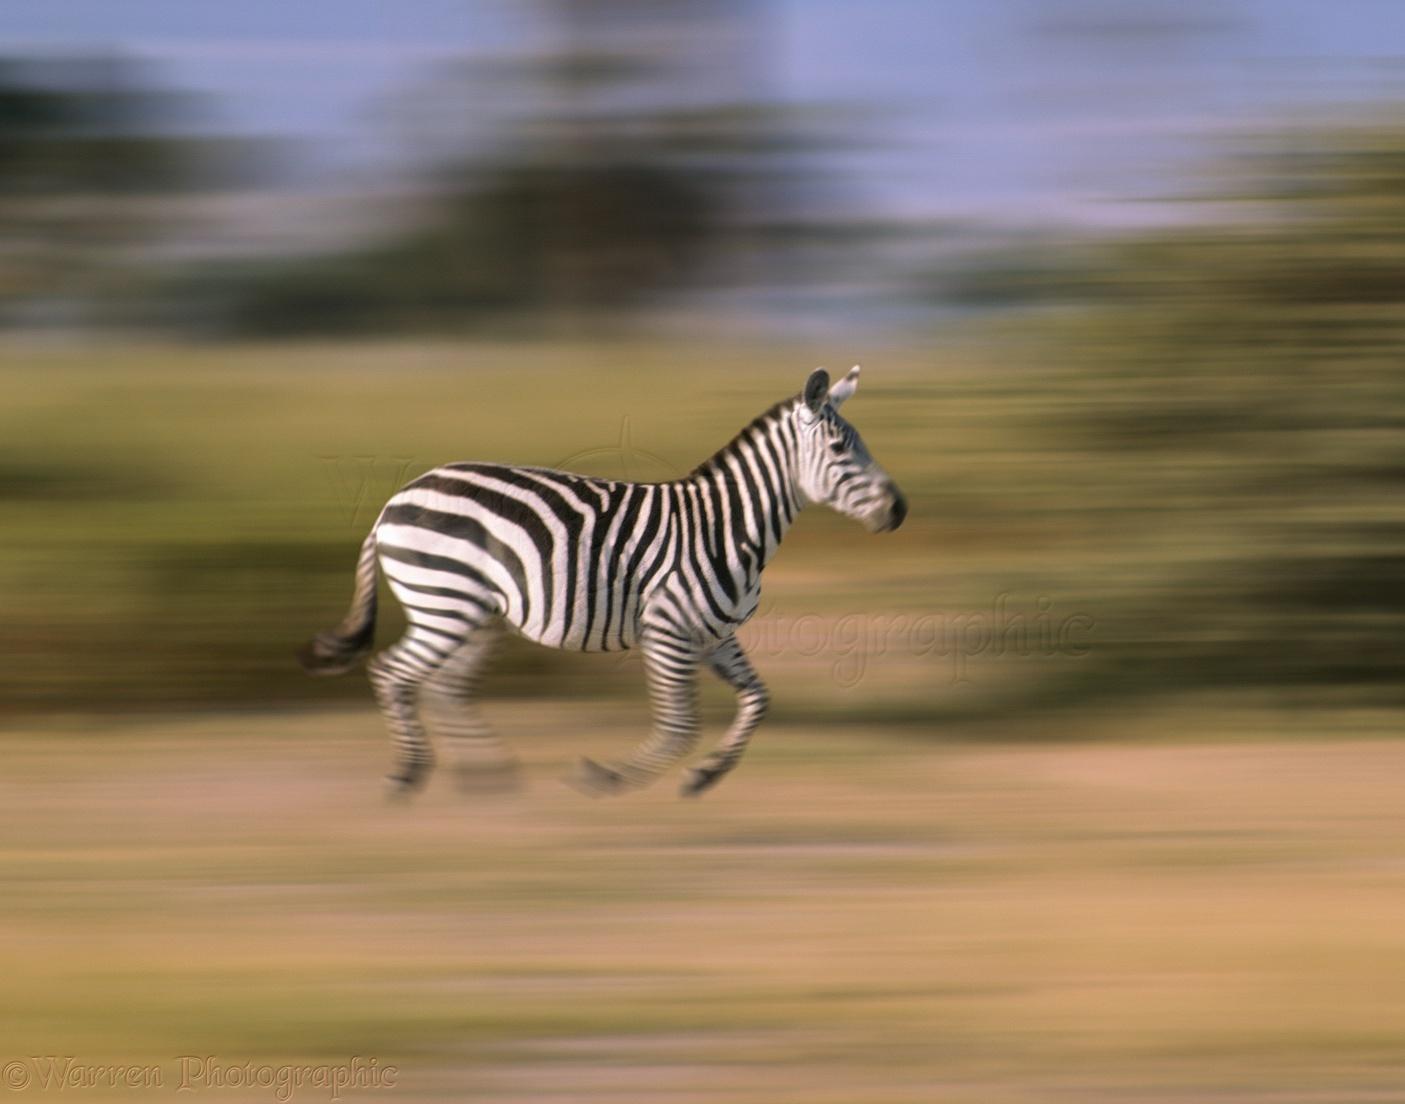 zebra in motion photo wp03471